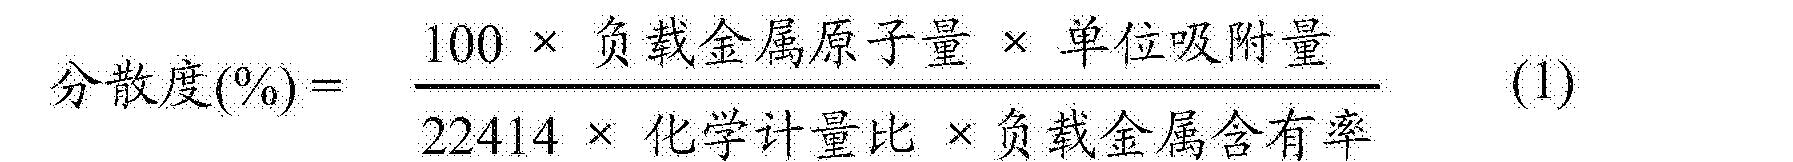 Figure CN104353457BD00051